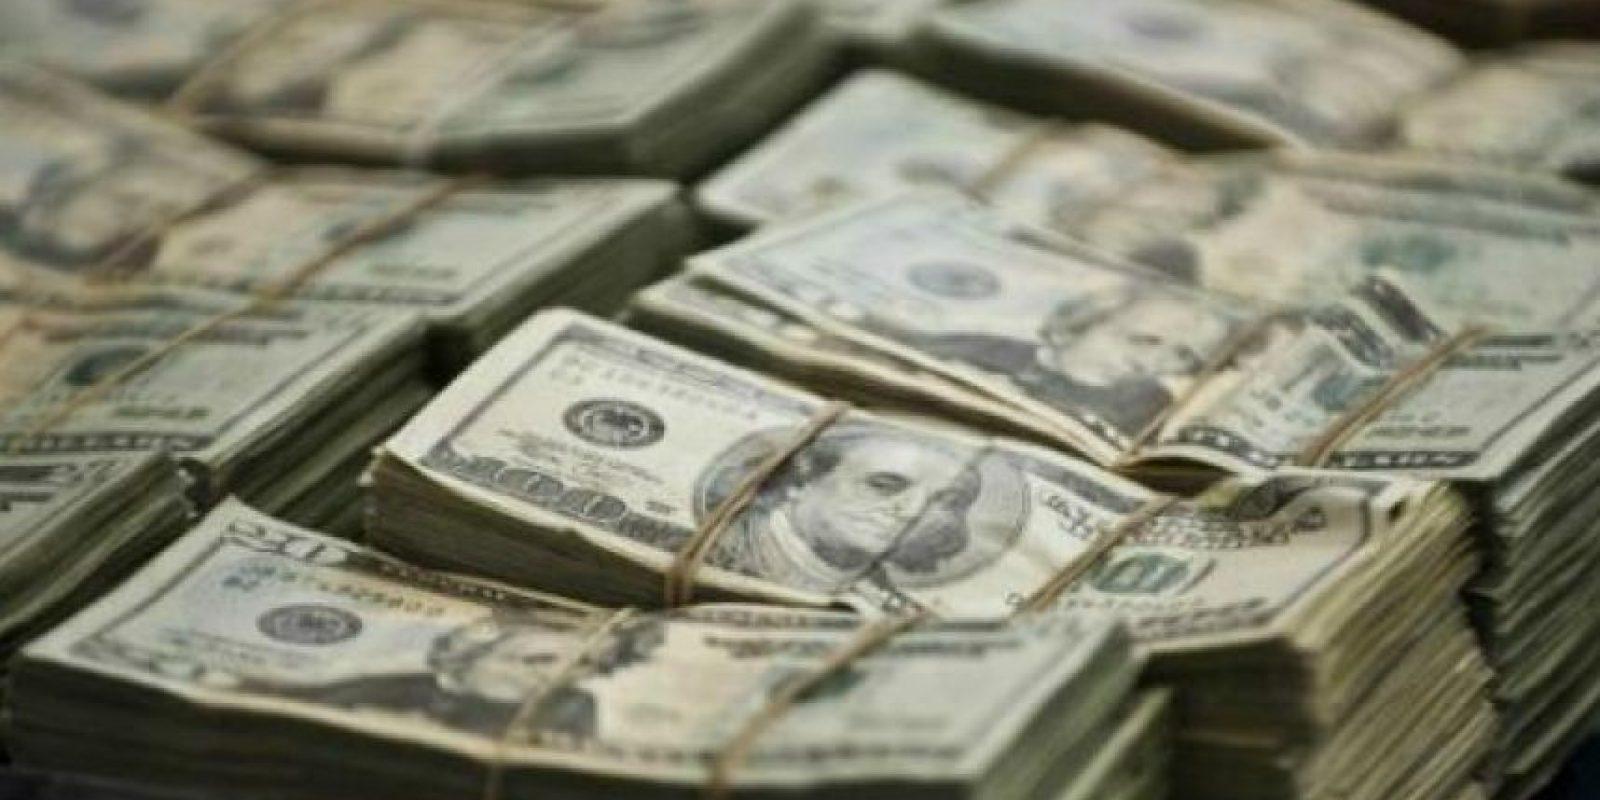 El dinera estaba debajo del asiento trasero de una jeepeta en un compartimiento secreto (caleta) una funda color verde Foto:EFE